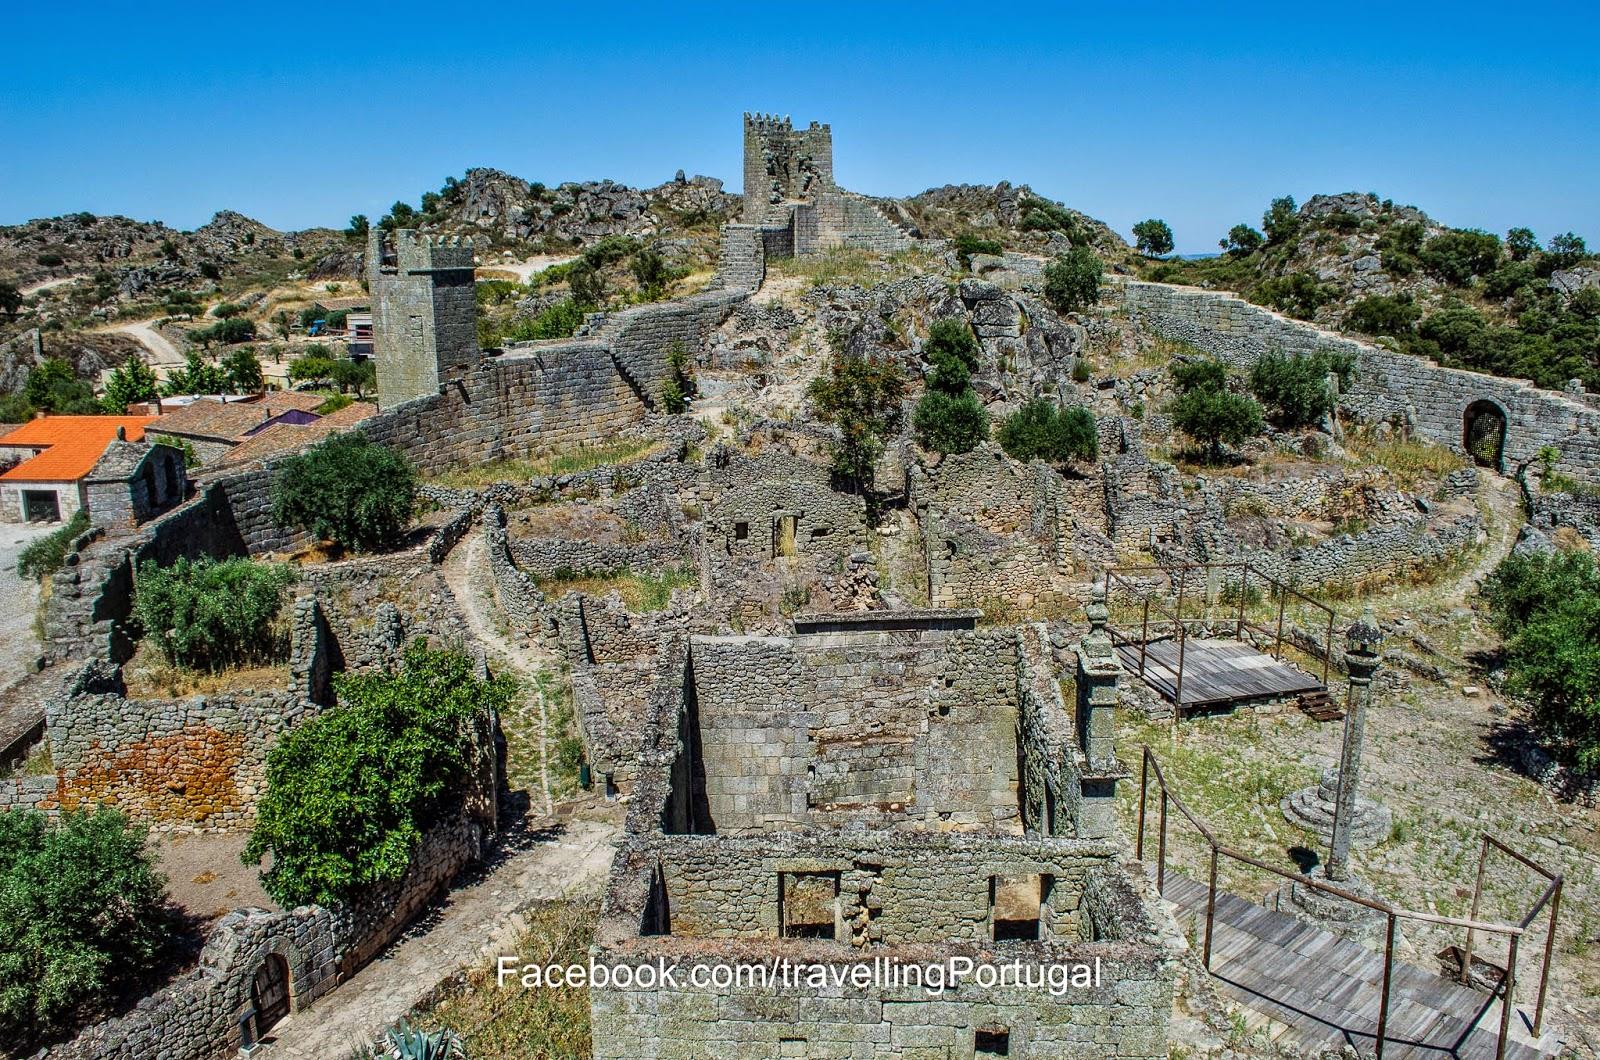 castle of marialva